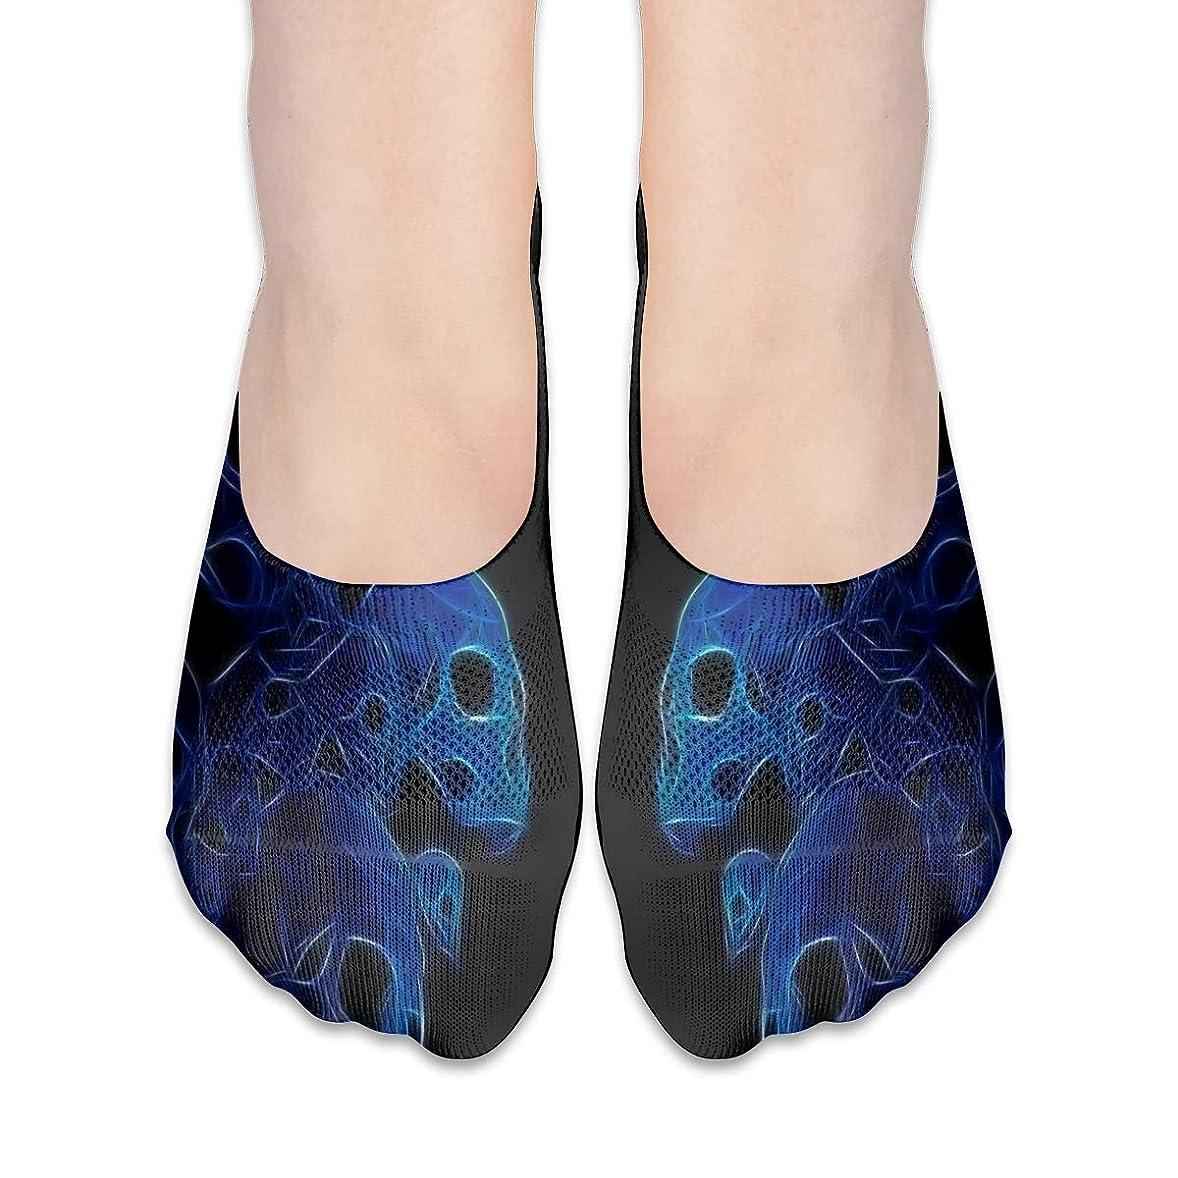 重力ラブ潤滑する女性の青い頭蓋骨の低合金ローカットコットンボート隠し目に見えない靴下